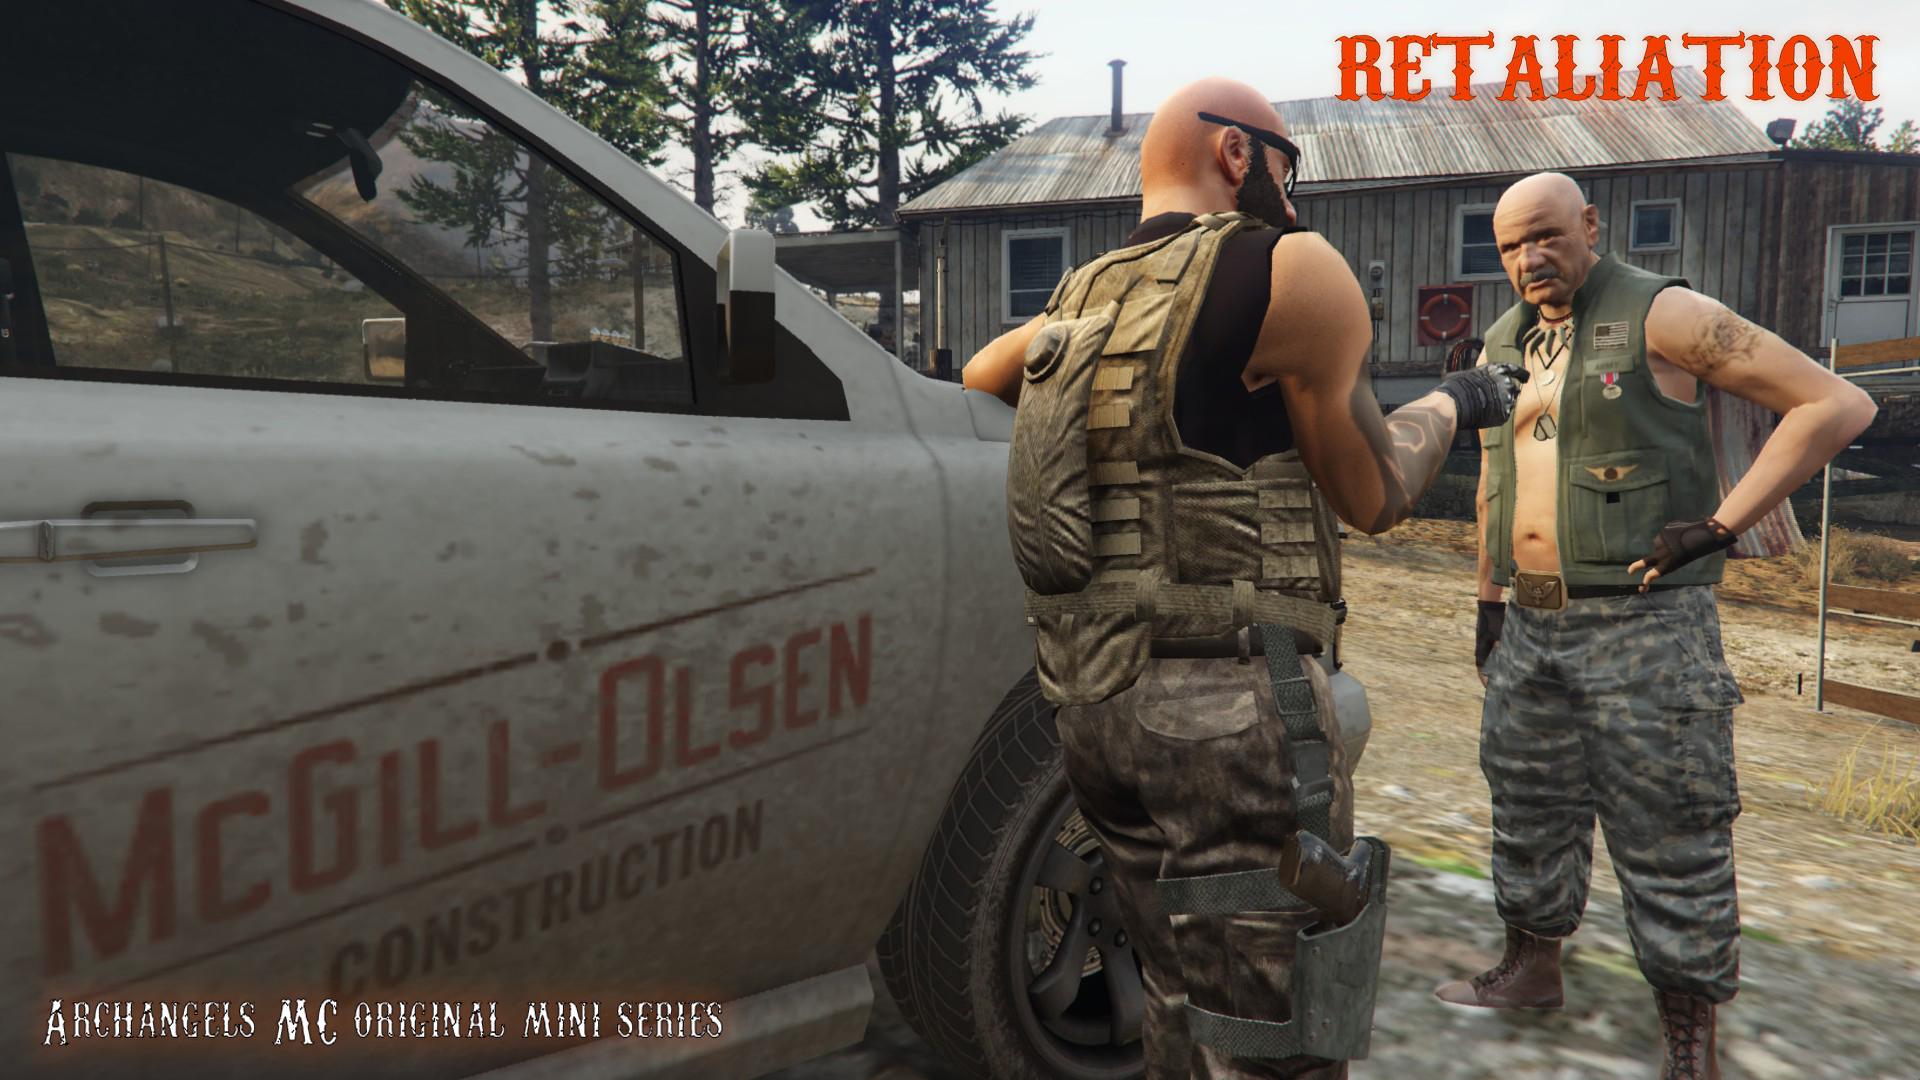 Retaliation_promo5.jpg